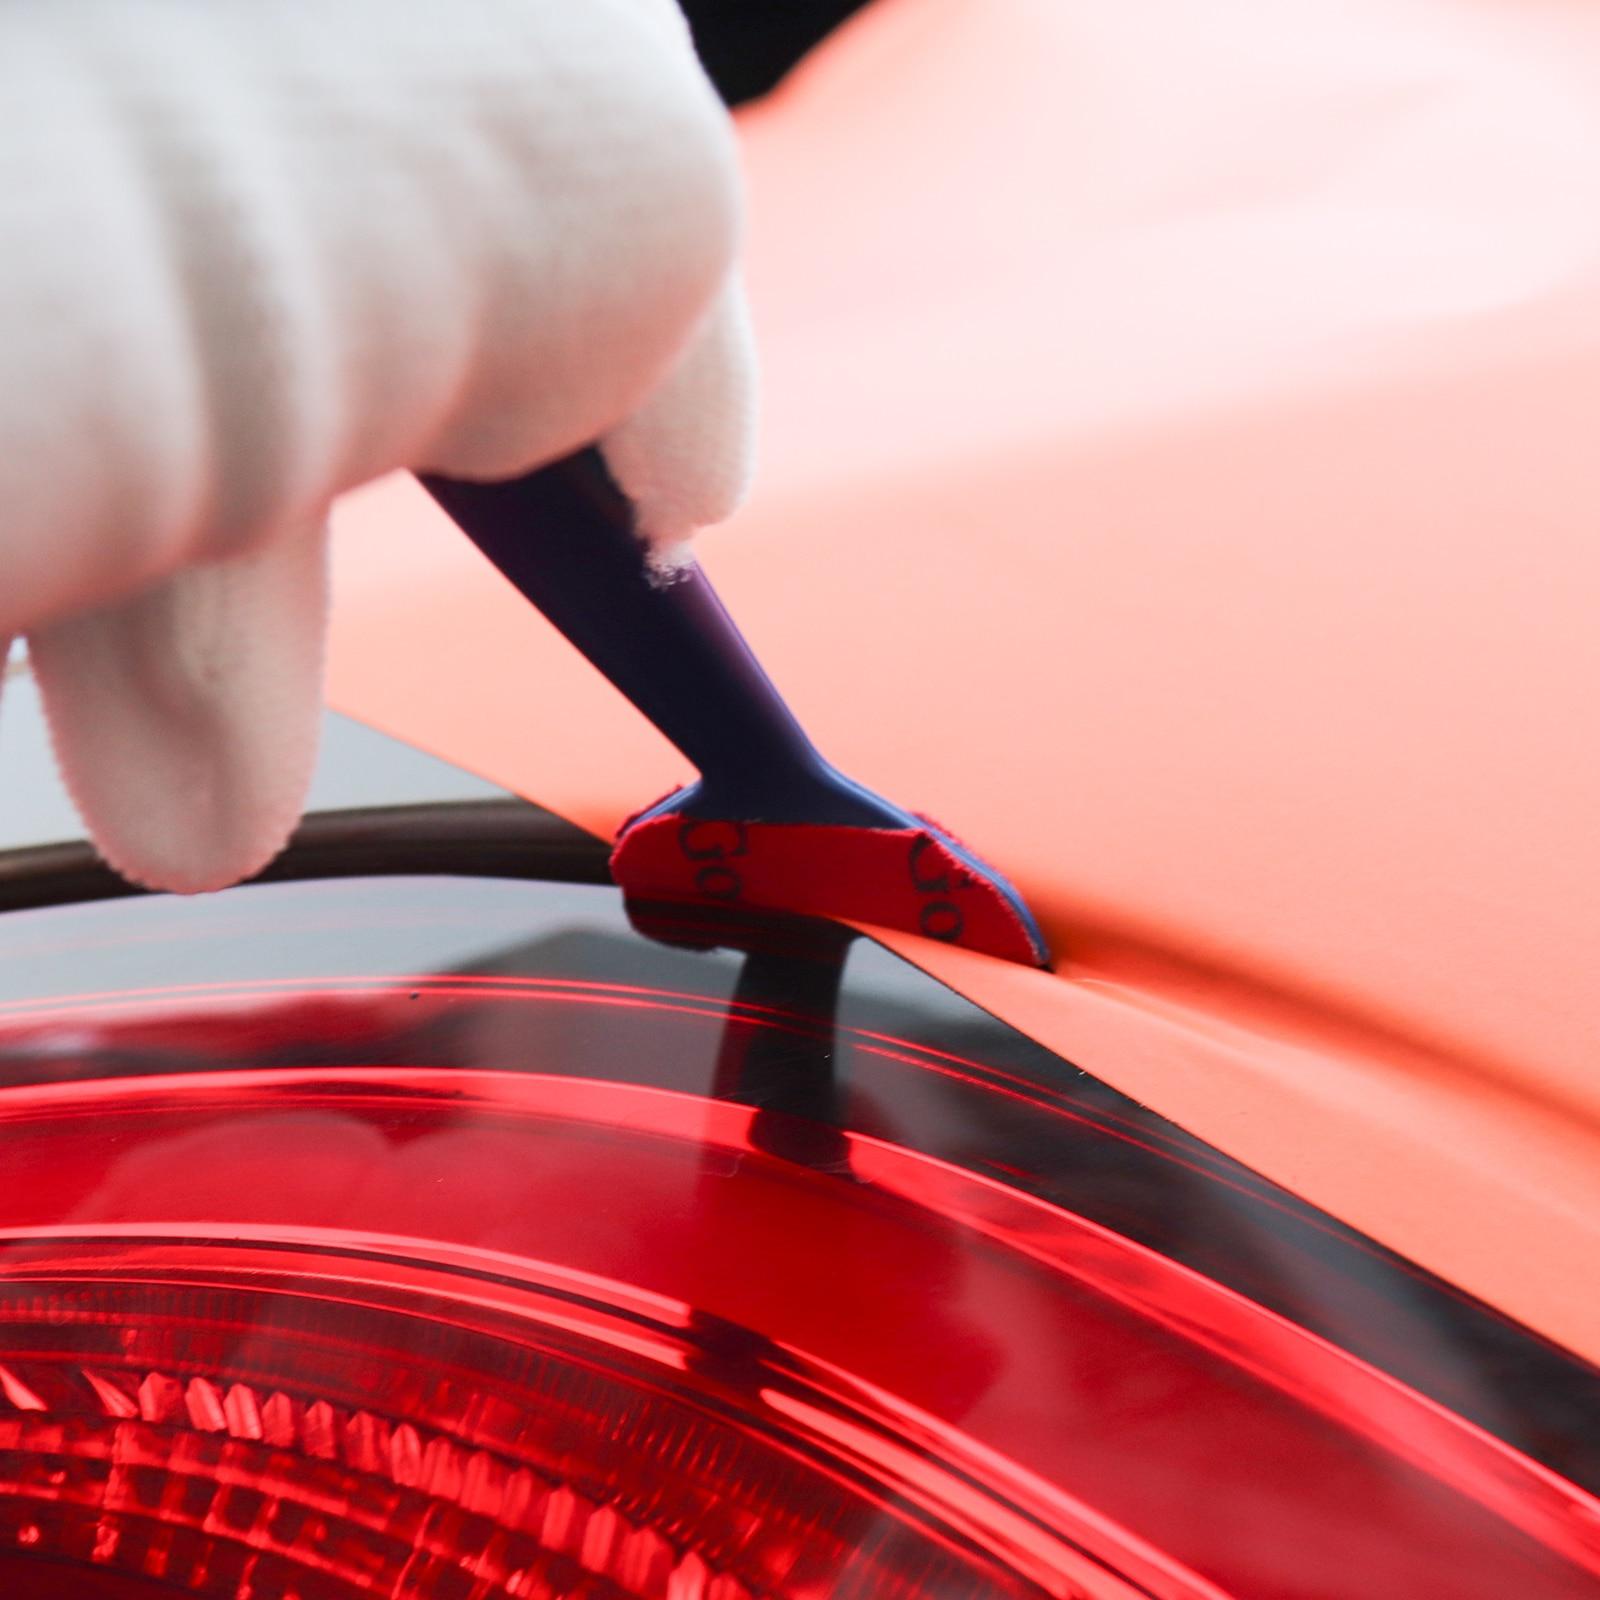 Image 5 - FOSHIO, 5 шт., виниловая оберточная пленка из углеродного волокна, автомобильные инструменты, магнитная угловая палочка, скребок, прокладка, микро окно, тонировка, магнит, набор-in Скребок from Автомобили и мотоциклы